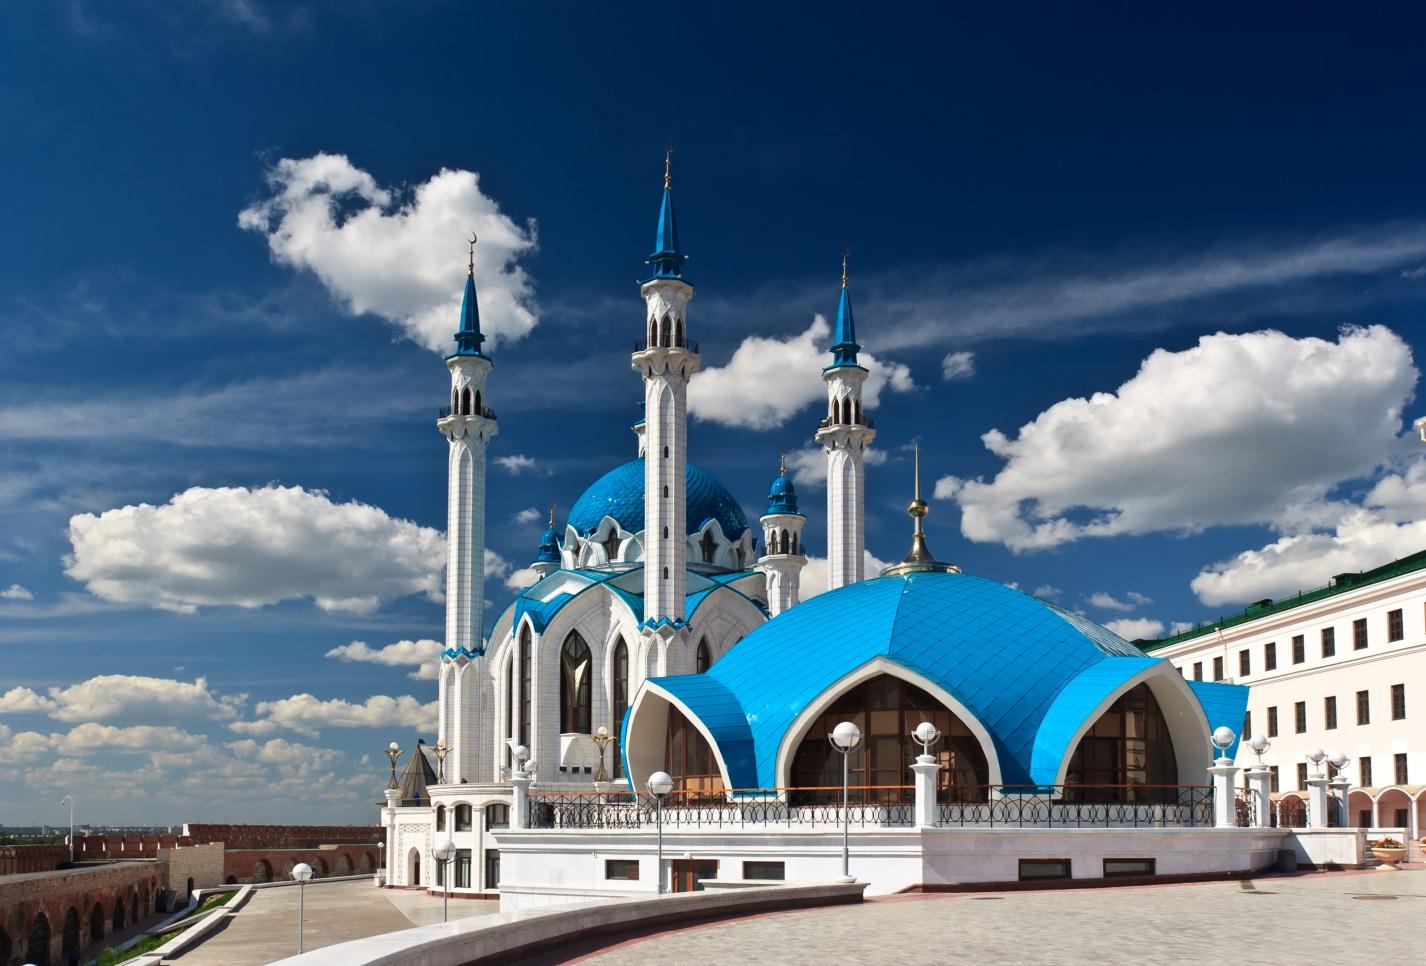 Обои Татарстан, кул шариф, мечеть, Казань. Города foto 13